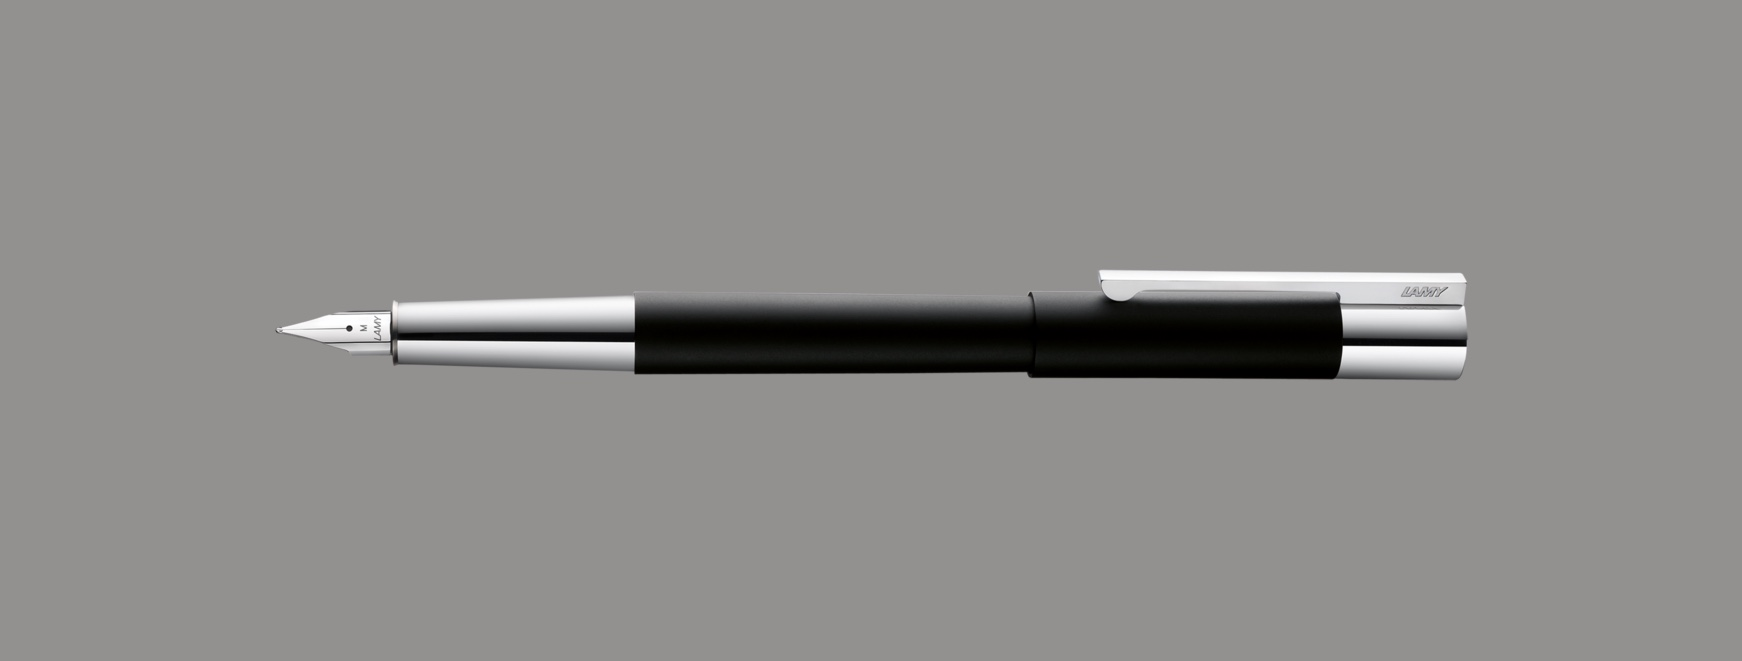 ปากกา LAMY รุ่น scala